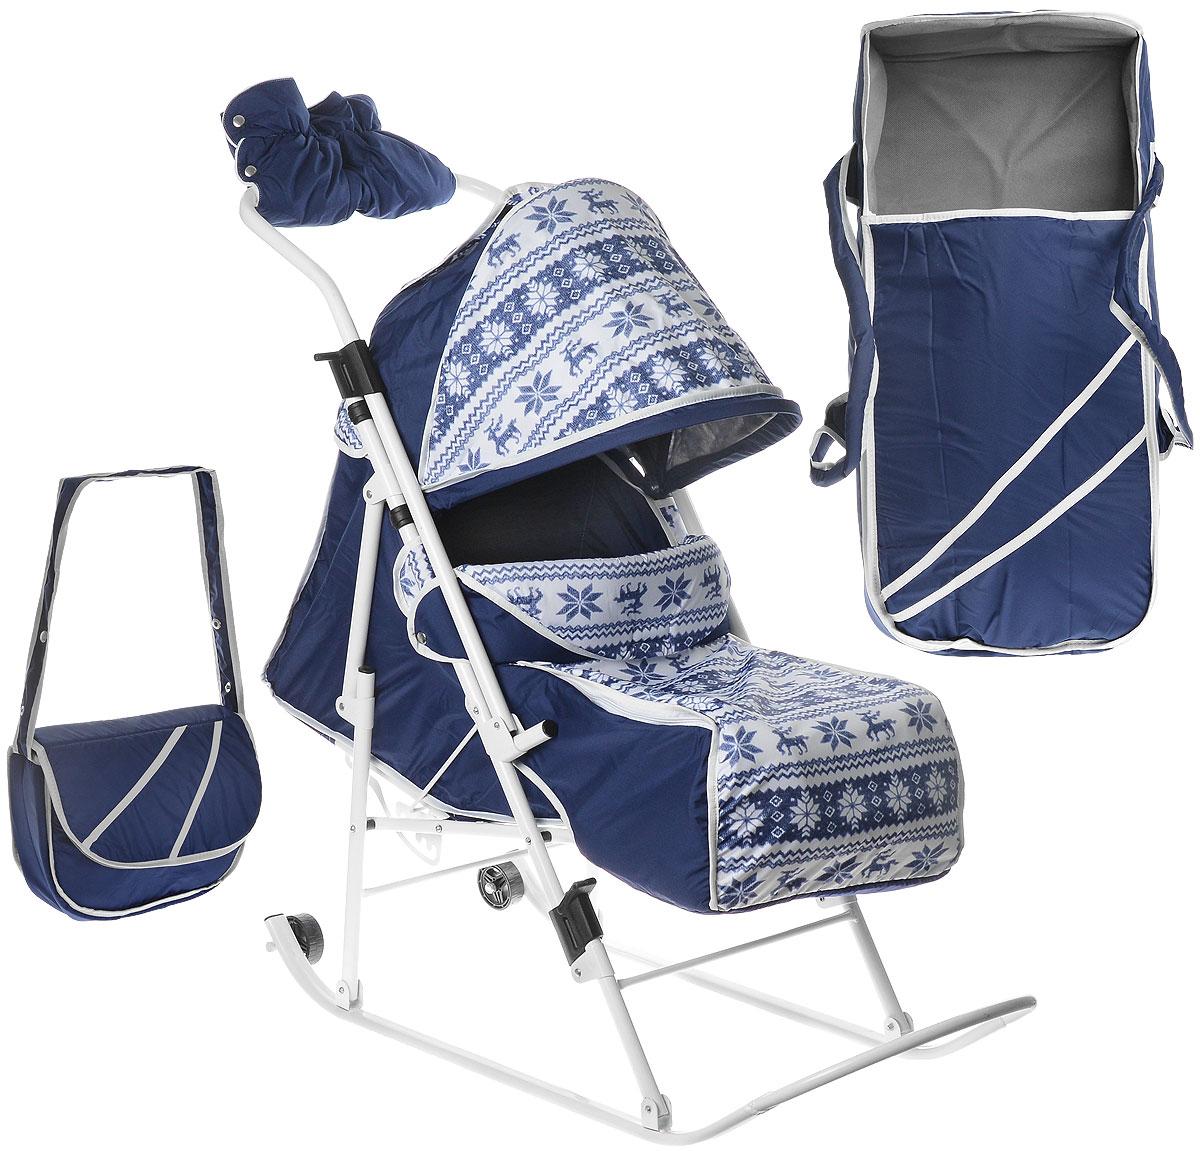 Санки-коляска Любава (с переноской) (Синий (Скандинавия))СКЛсП-02Складные санки-коляска с плоскими полозьями с переноской в комплекте , 5 положений спинки, увеличенное посадочное место, ремень безопасности, складывающийся козырек, смотровое окошко, чехол для ног. Перекидная ручка, поднимающаяся подножка, сумка для мамы, муфта.